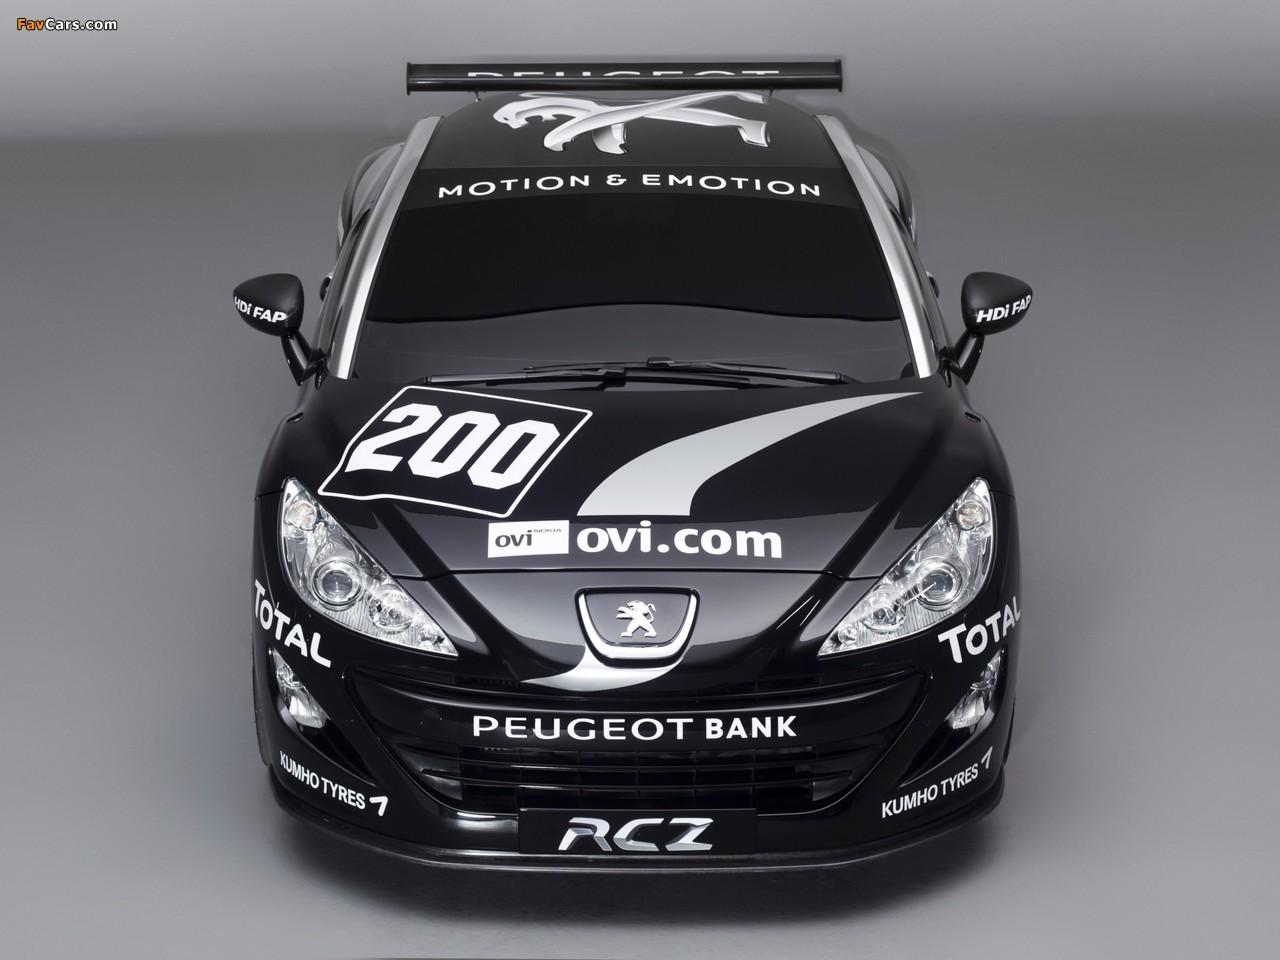 Peugeot RCZ Race Car 200ANS 2010 images (1280 x 960)